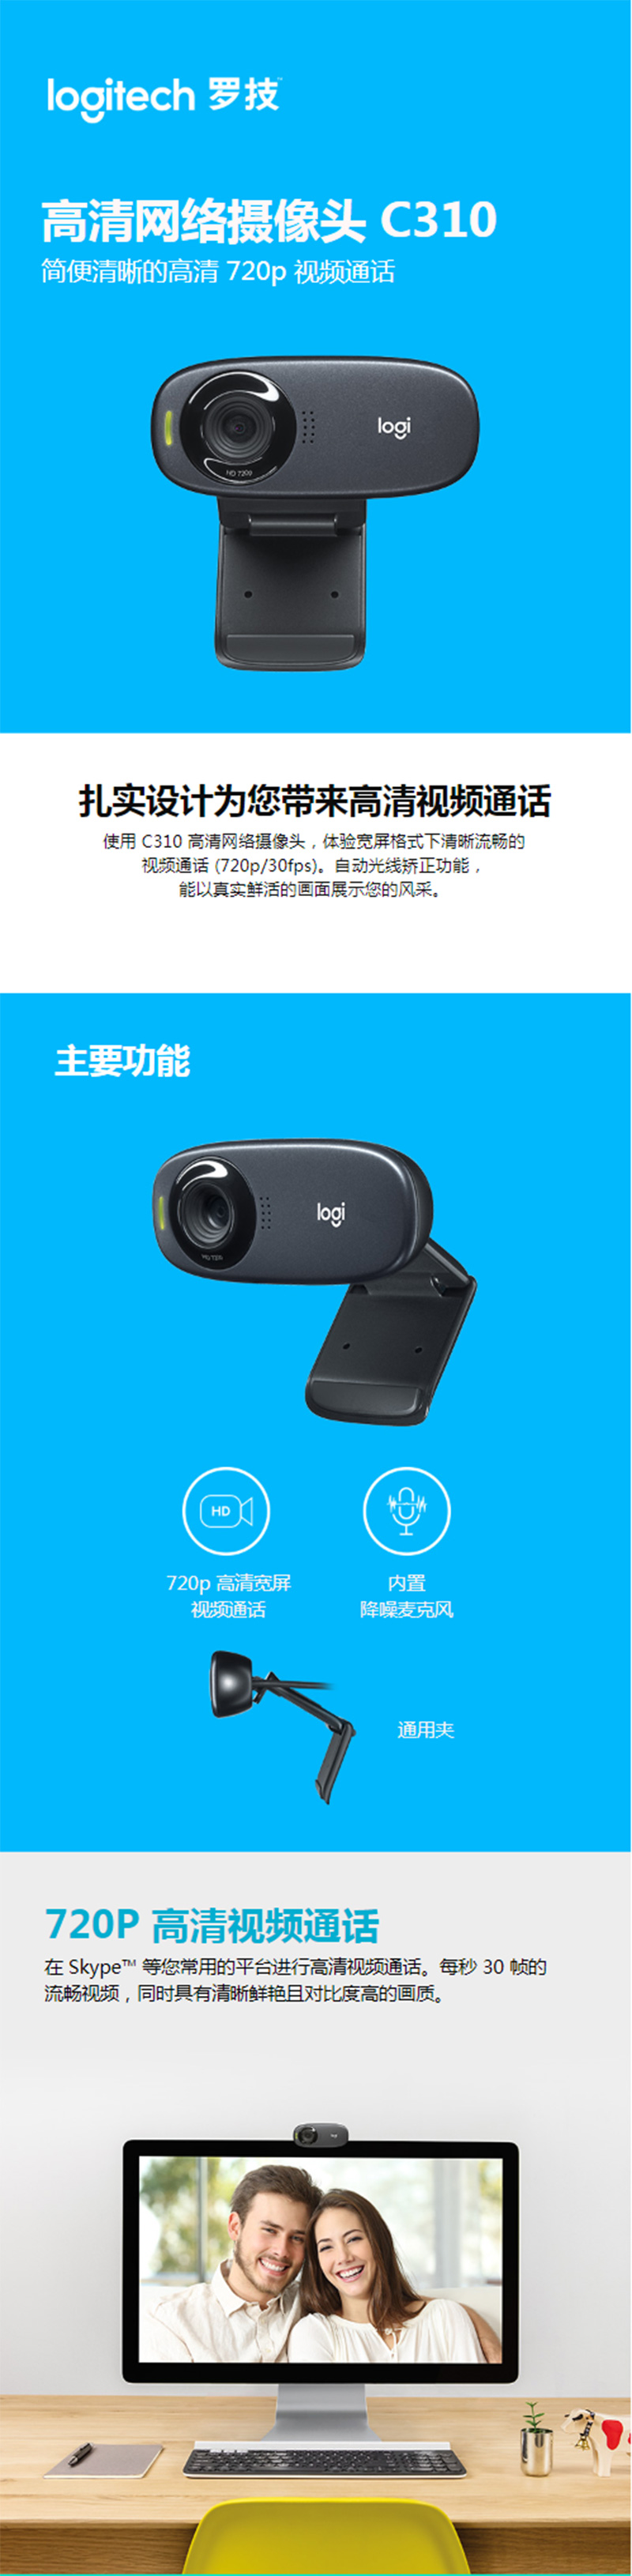 罗技(Logitech)C310 高清晰网络摄像头 高清视频通话 即插即用摄像头